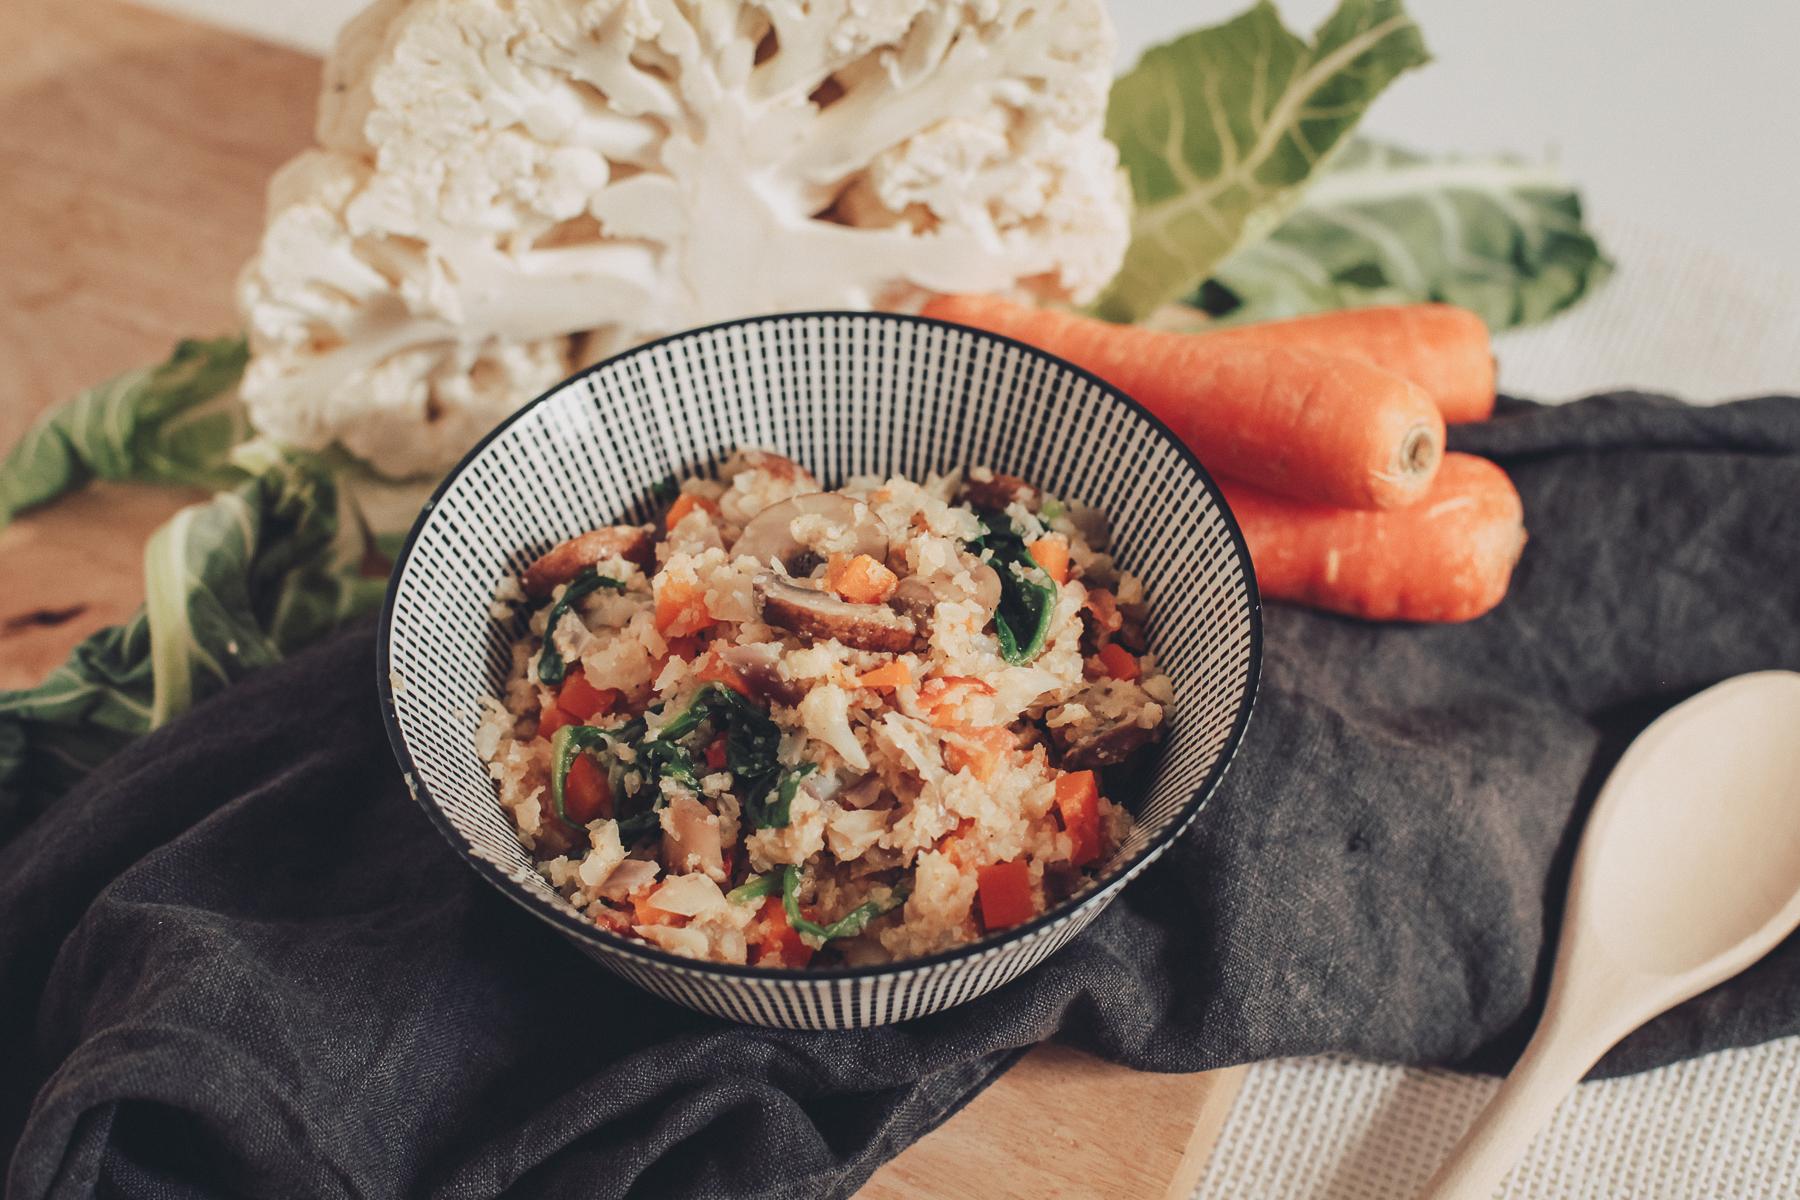 Blumenkohl-Reispfanne mit buntem Gartengemüse